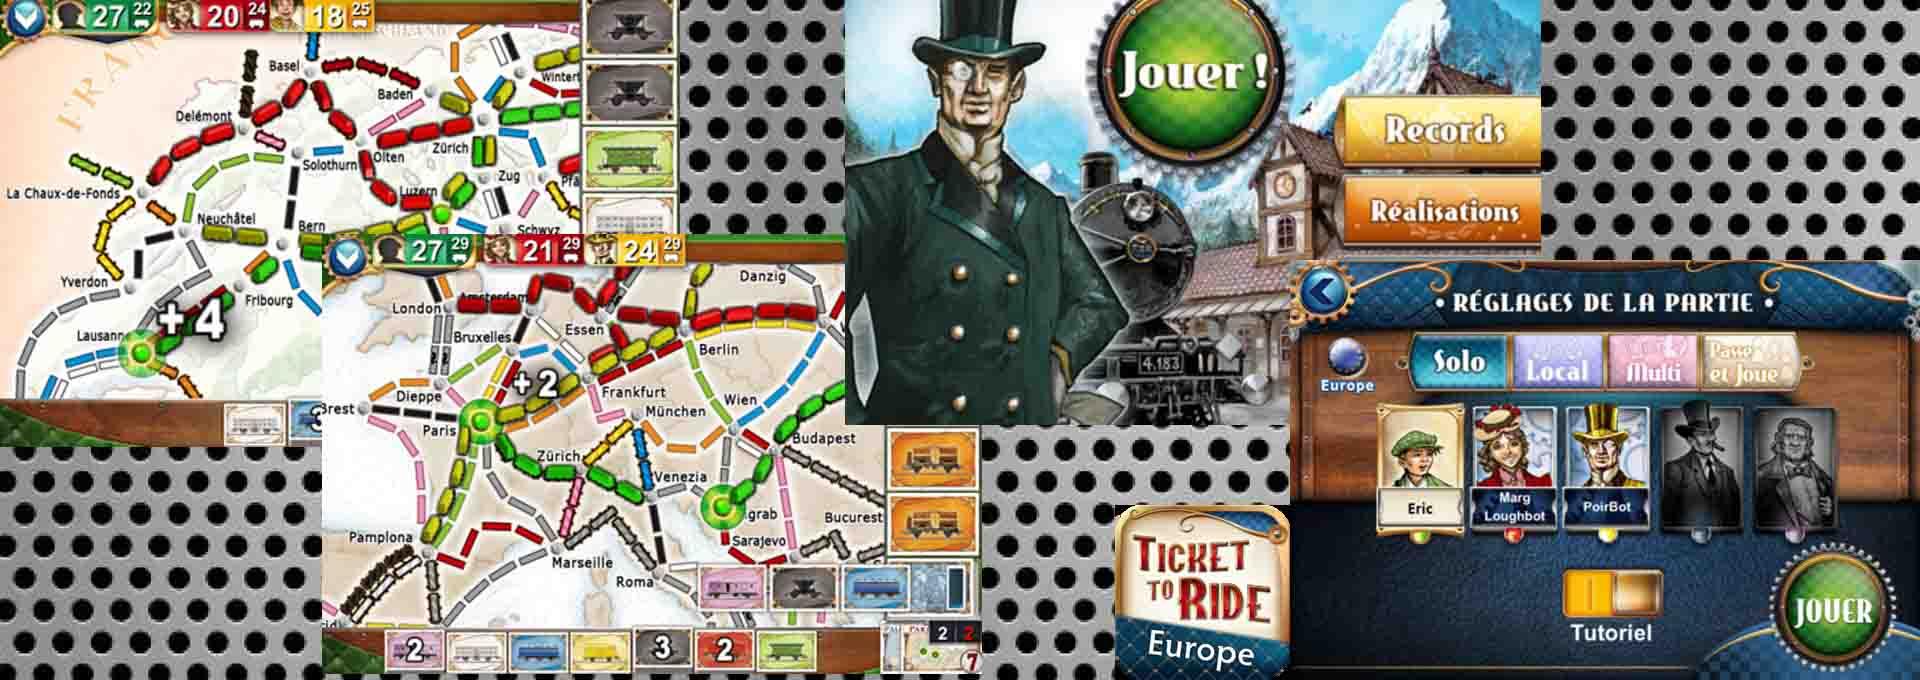 Ticket to Ride Pocket (Les aventuriers du rail), le test